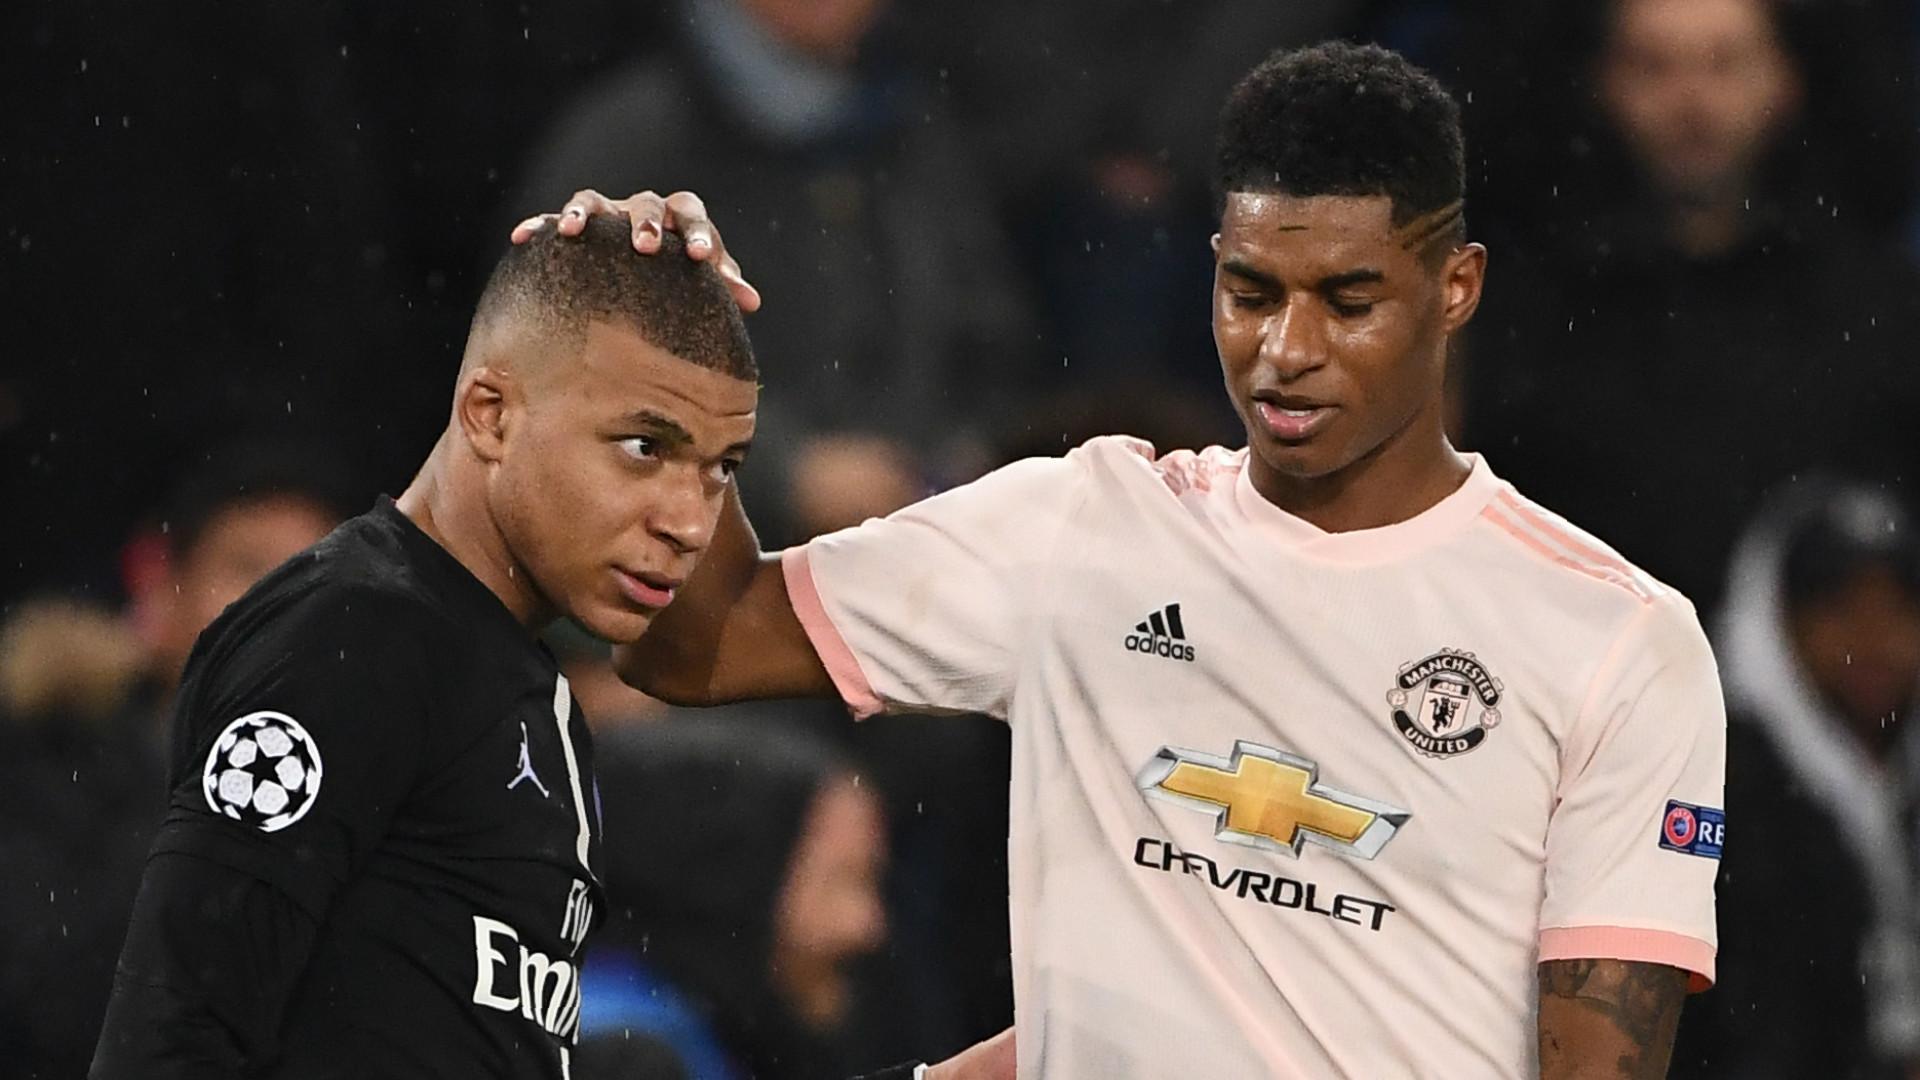 Marcus Rashford Kylian Mbappe Manchester United PSG Paris Saint-Germain 2018-19